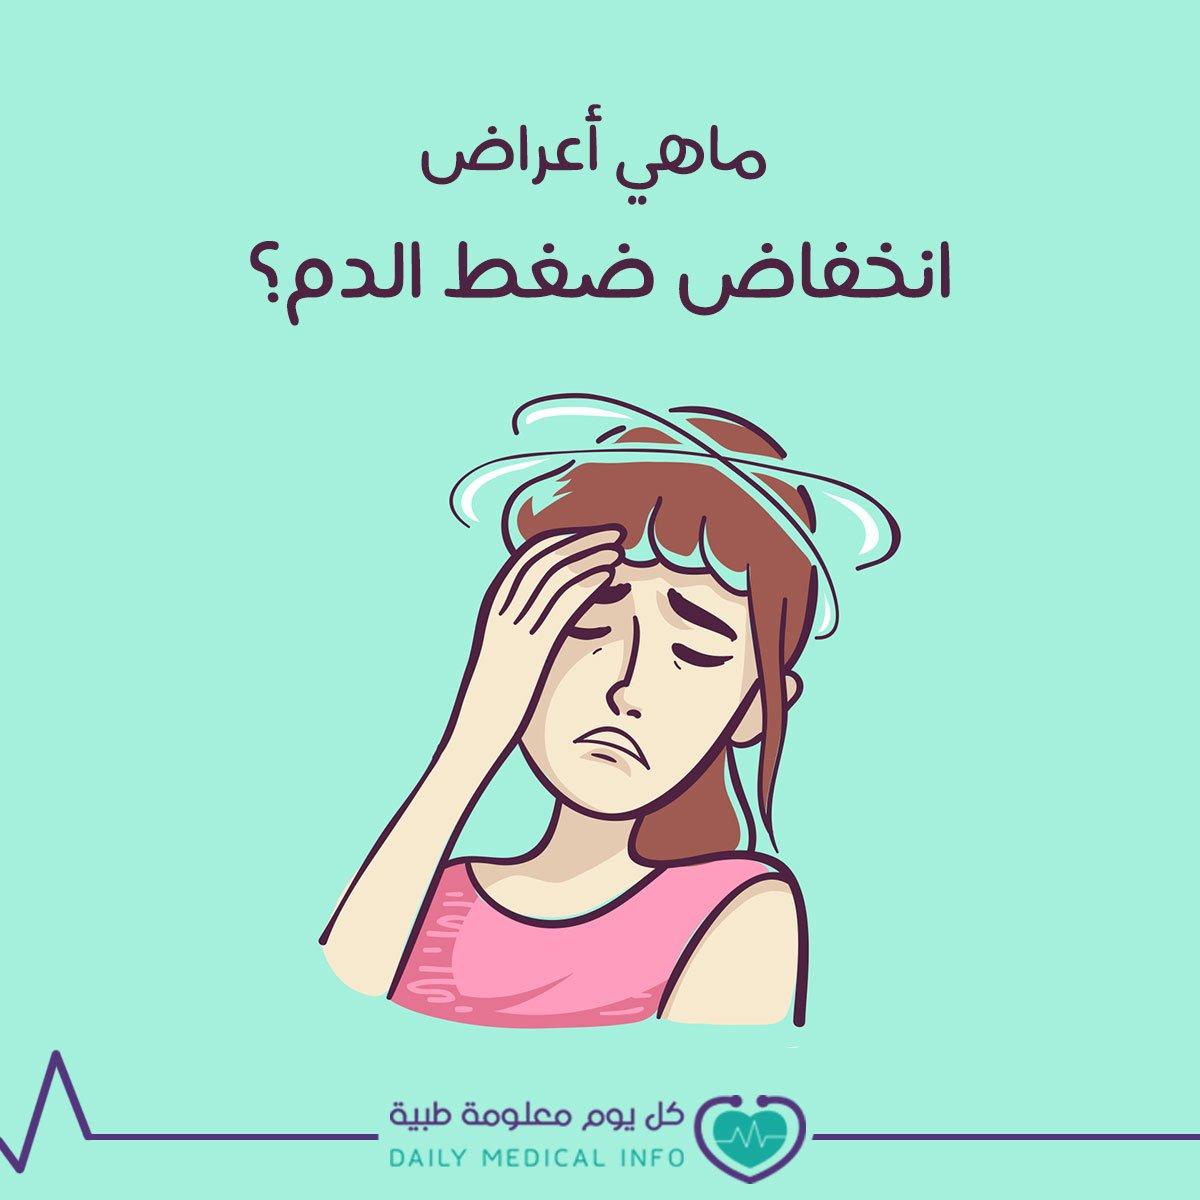 كل يوم معلومة طبية من أهم أعراض انخفاض ضغط الدم الدوخة الدوار الخفيف الرؤية الغير واضحة الإرهاق الضعف عدم القدرة على التركيز الغثيان